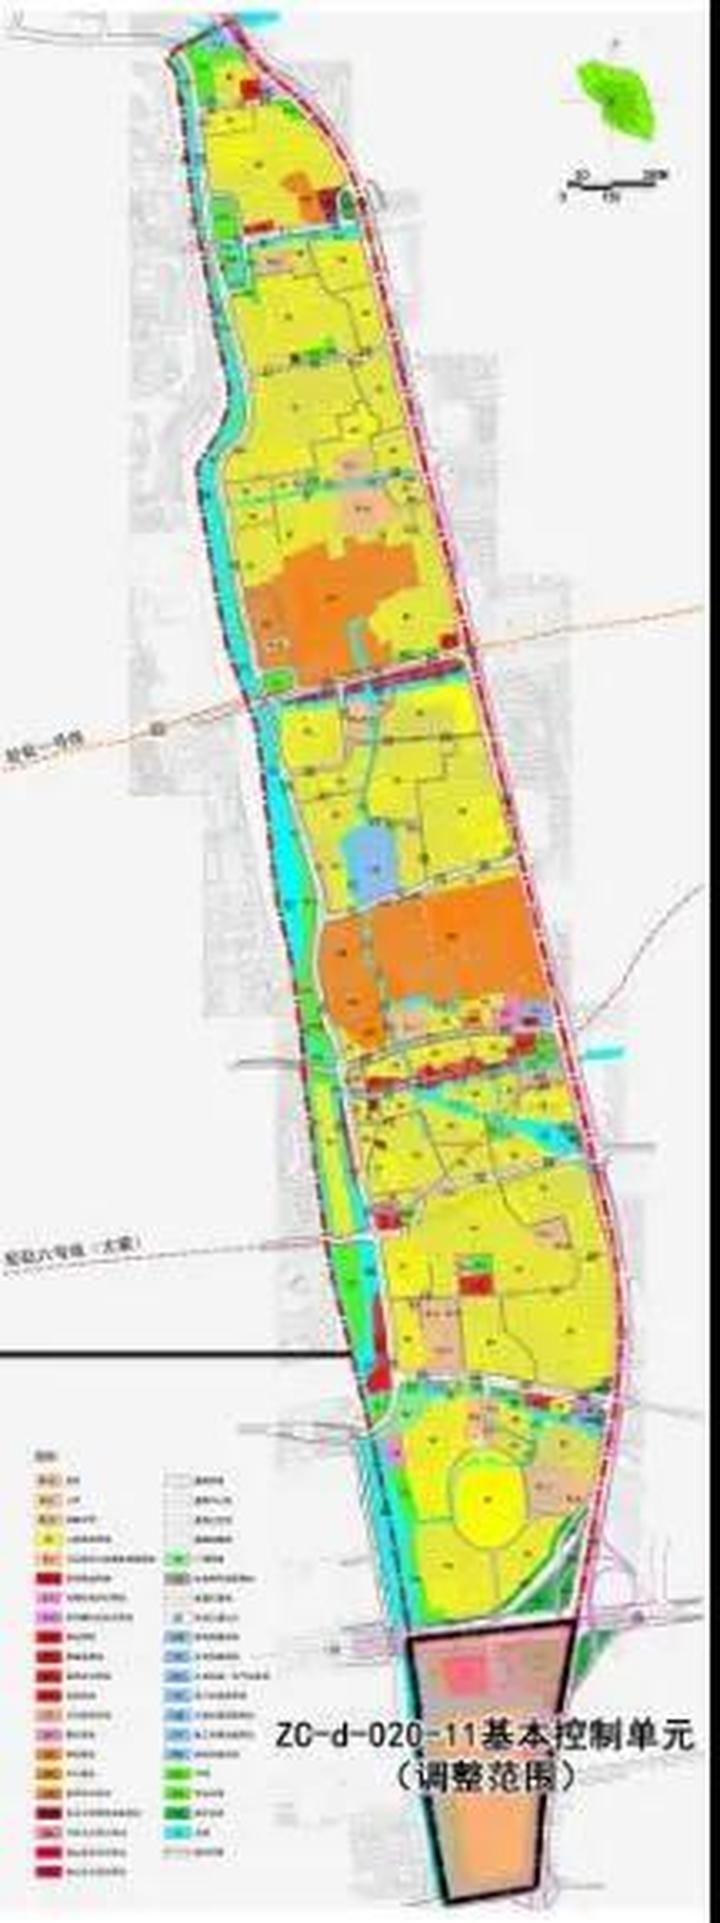 苏州4所学校控规调整一览 姑苏区日益路新增一所幼儿园